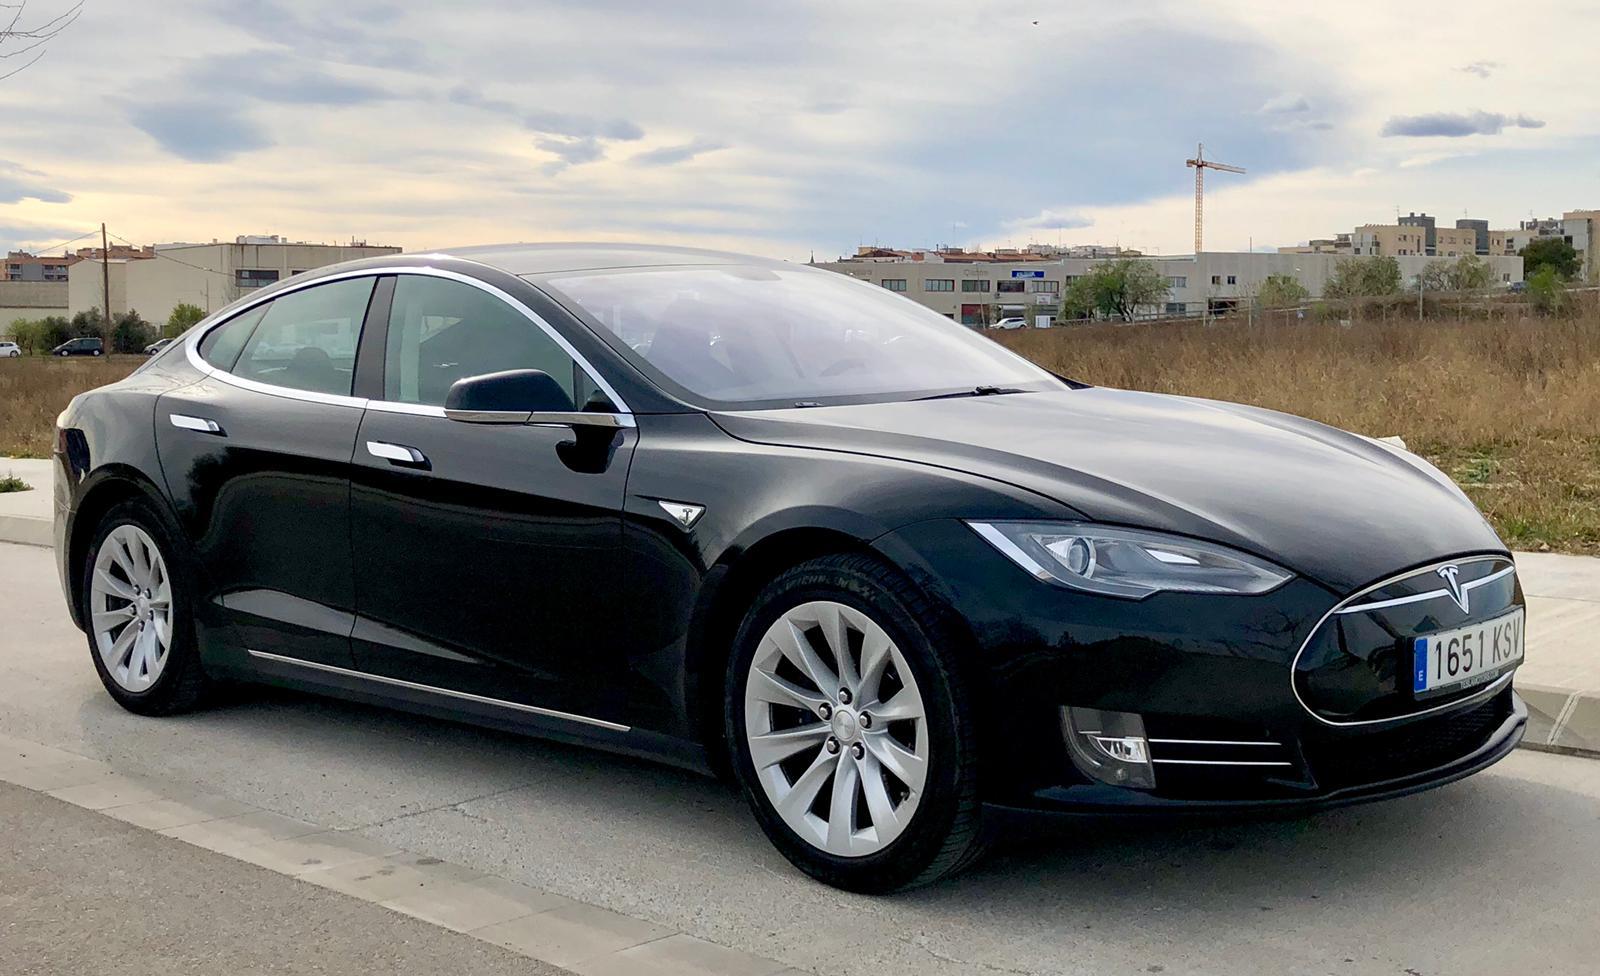 Tesla S. Image courtesy Autolux